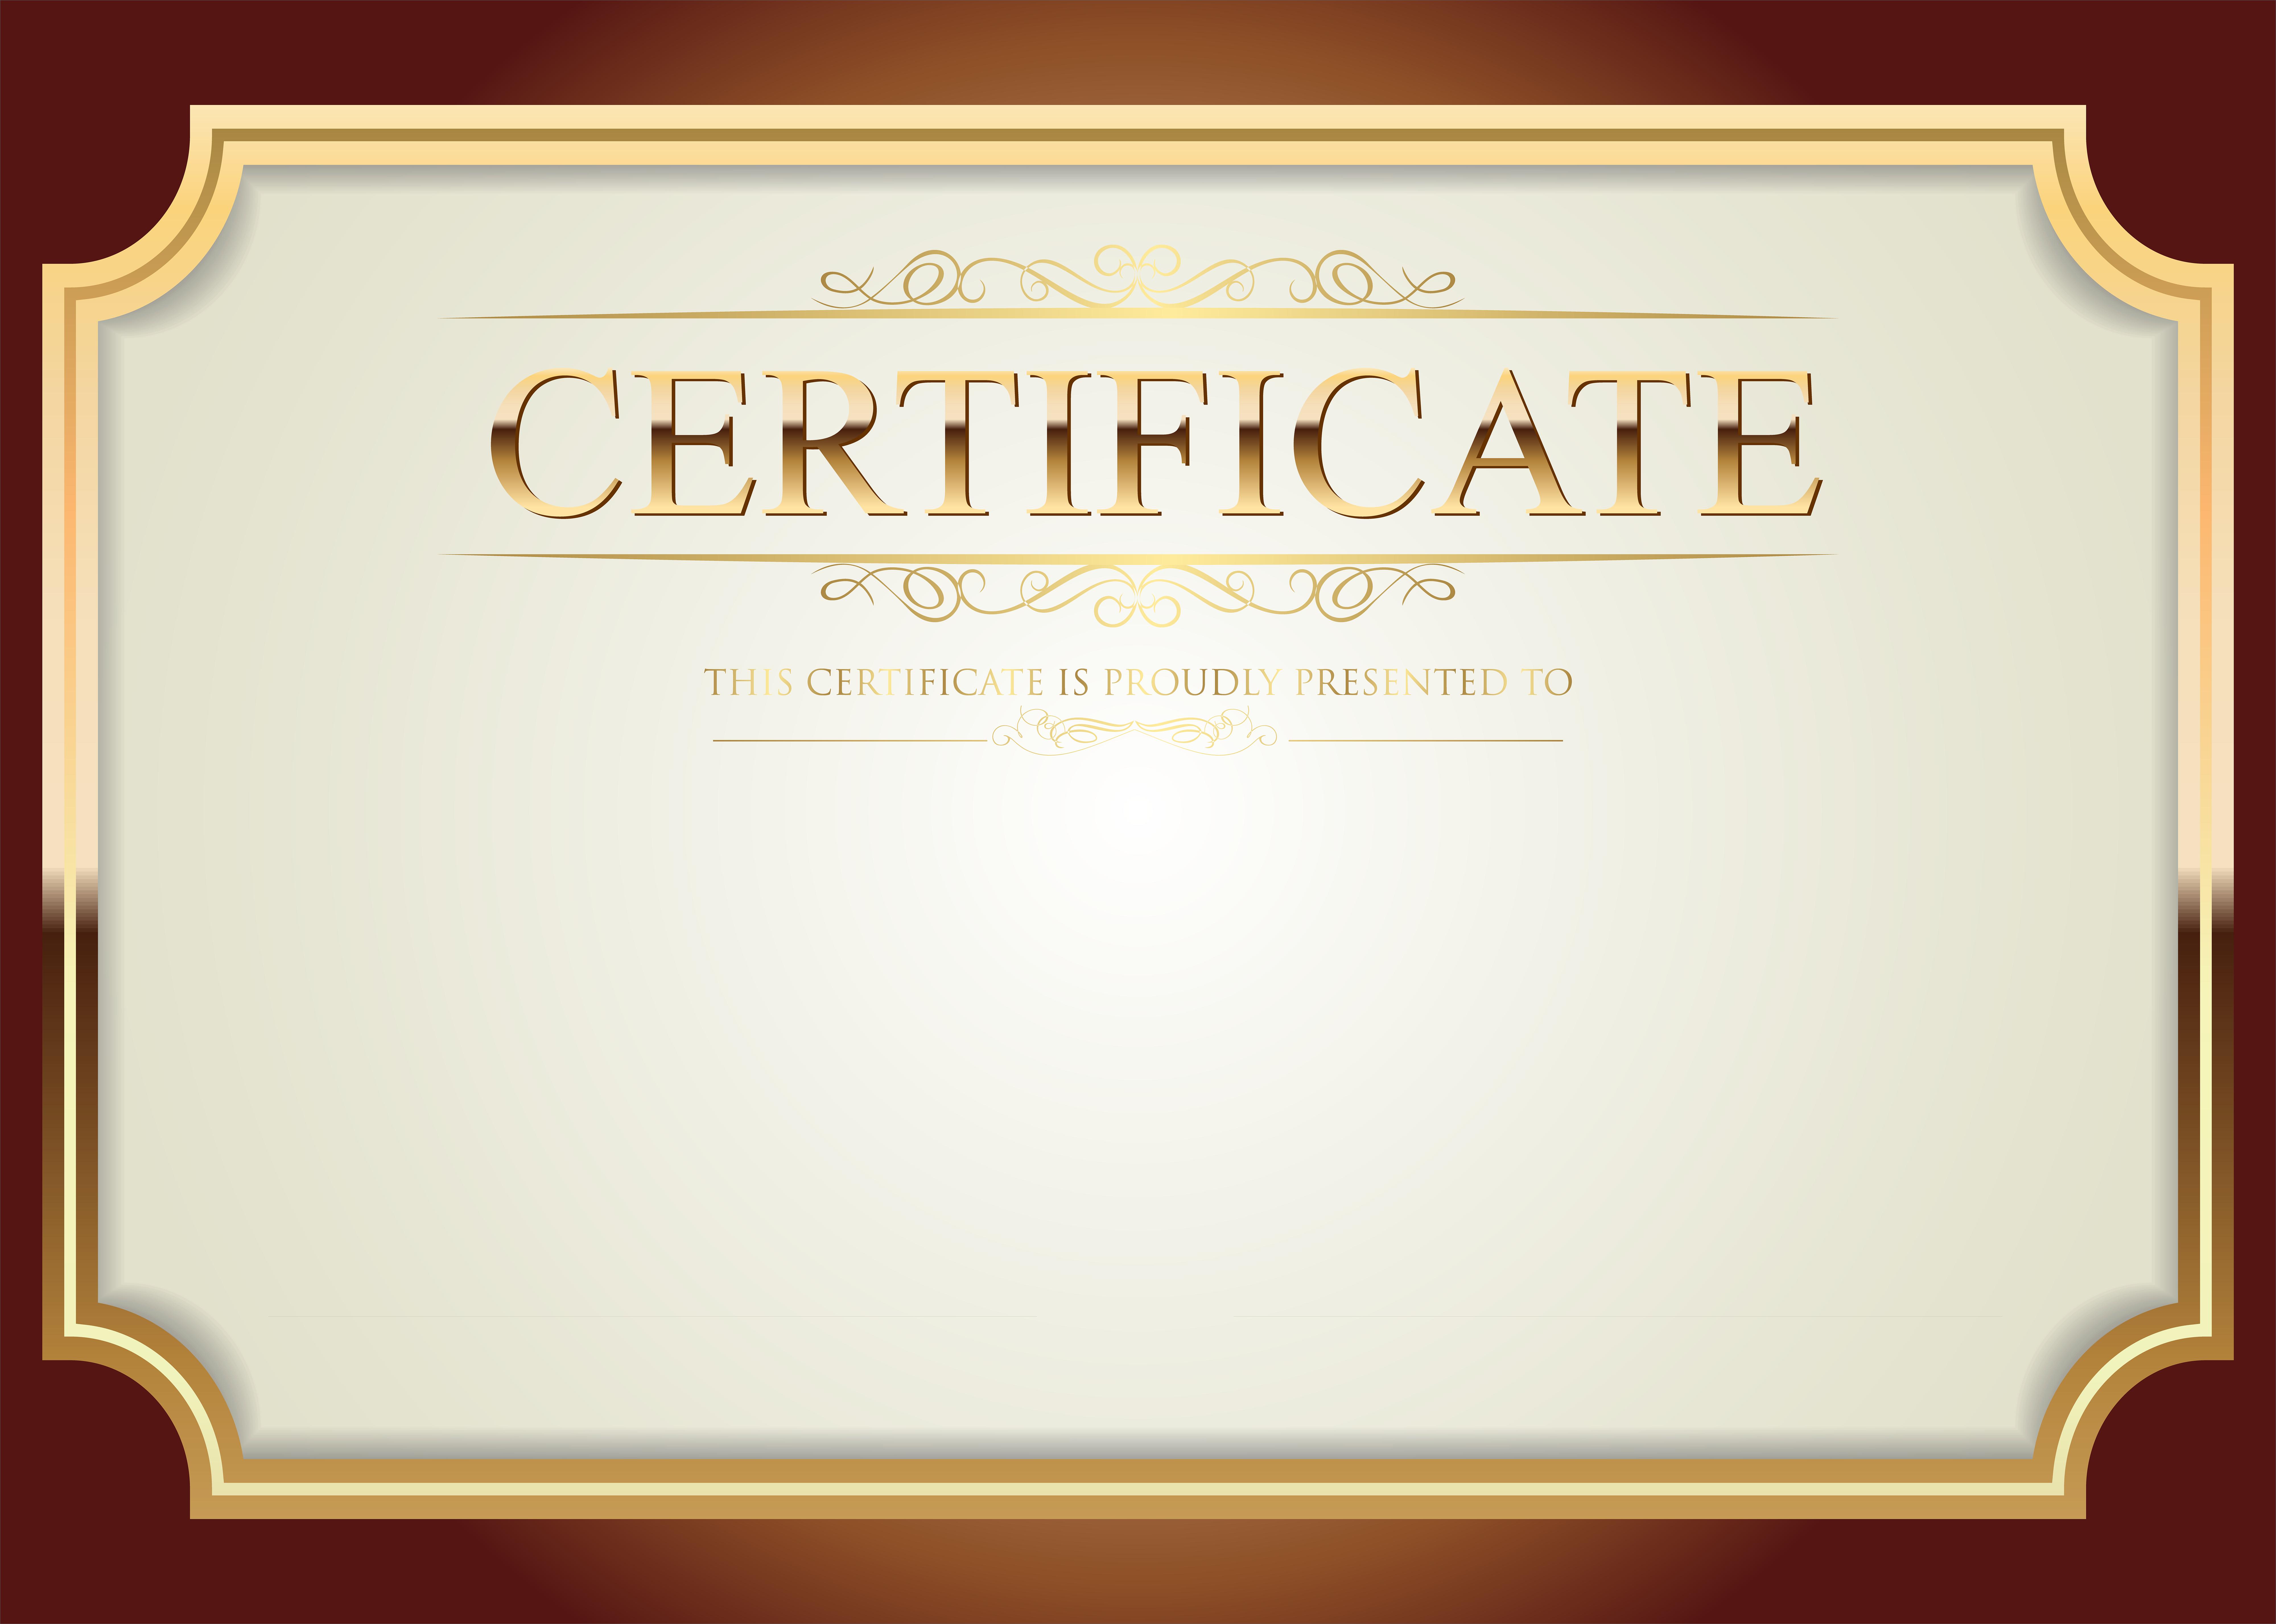 Großartig Zertifikat Powerpoint Vorlage Bilder - Entry Level Resume ...